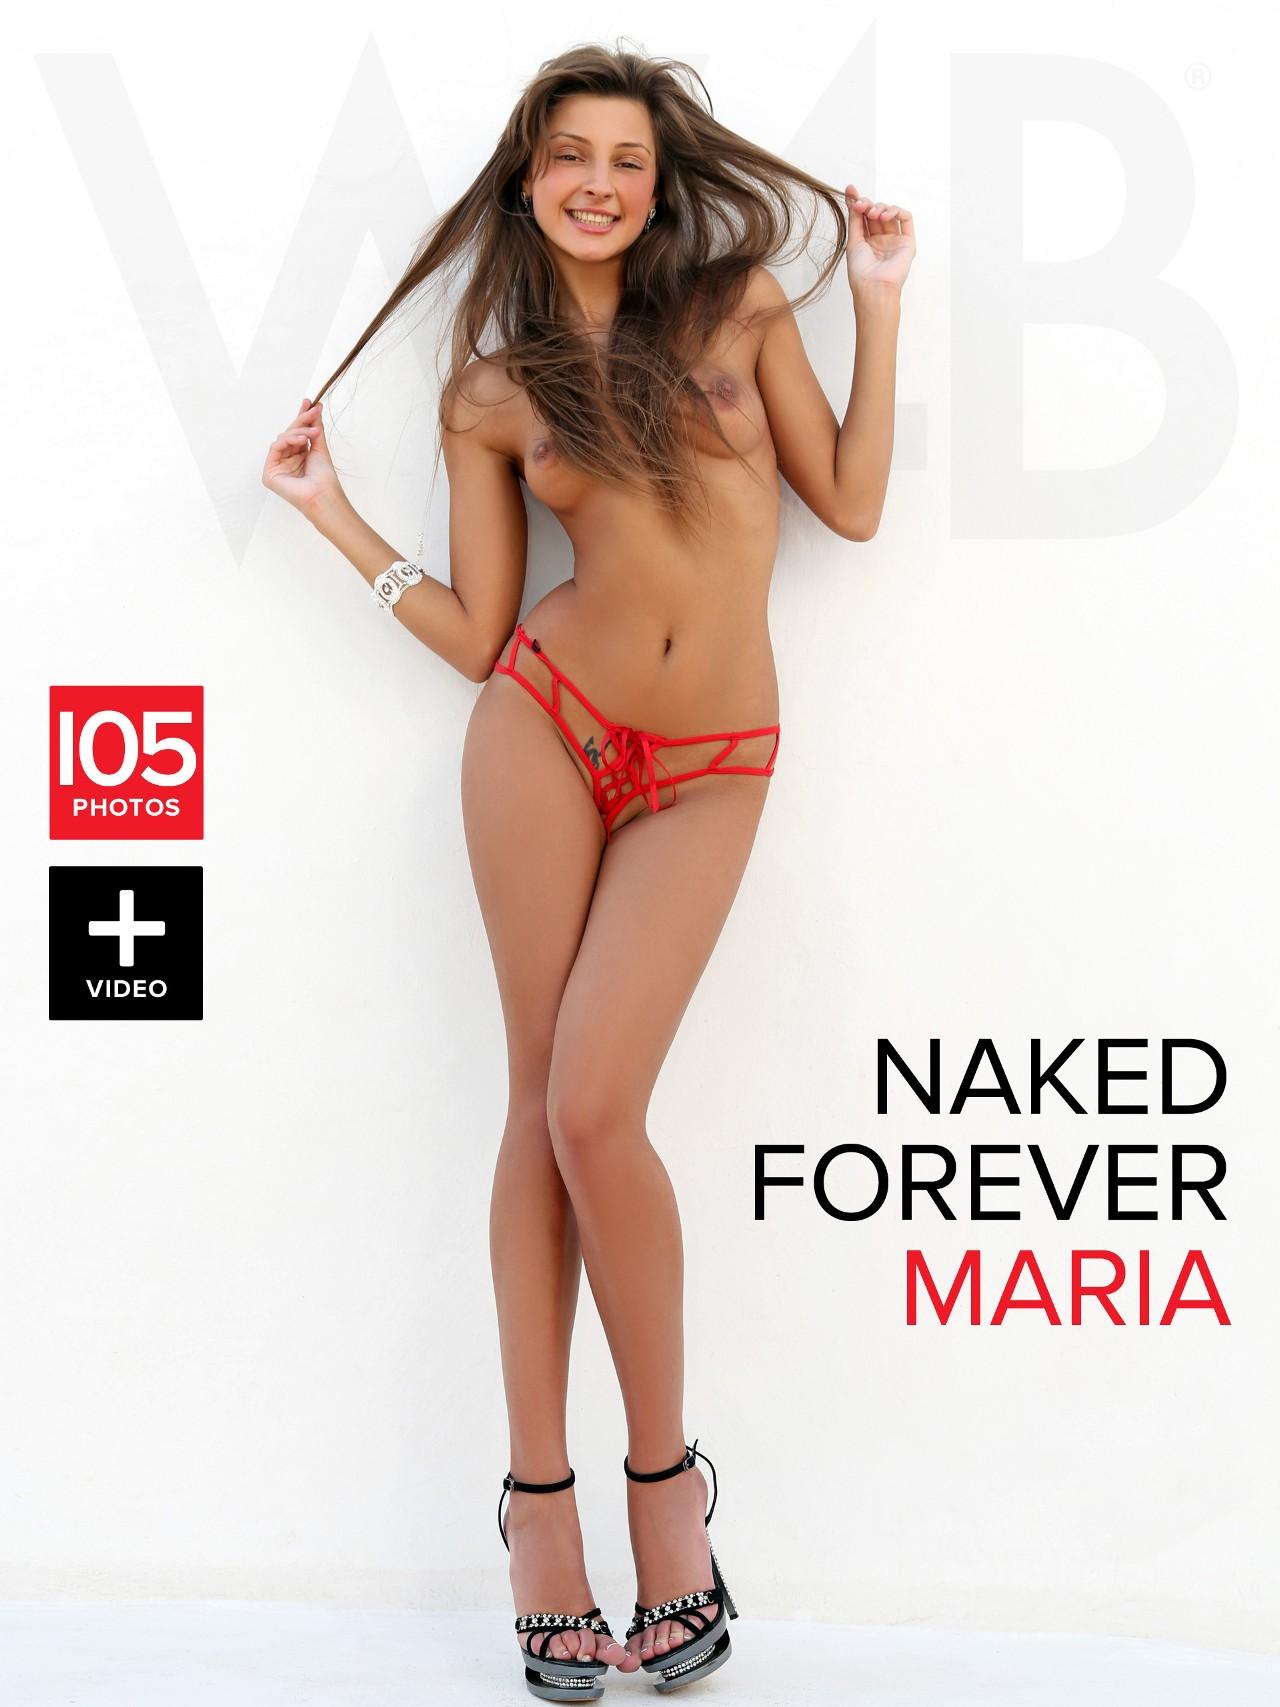 Maria: Naked forever